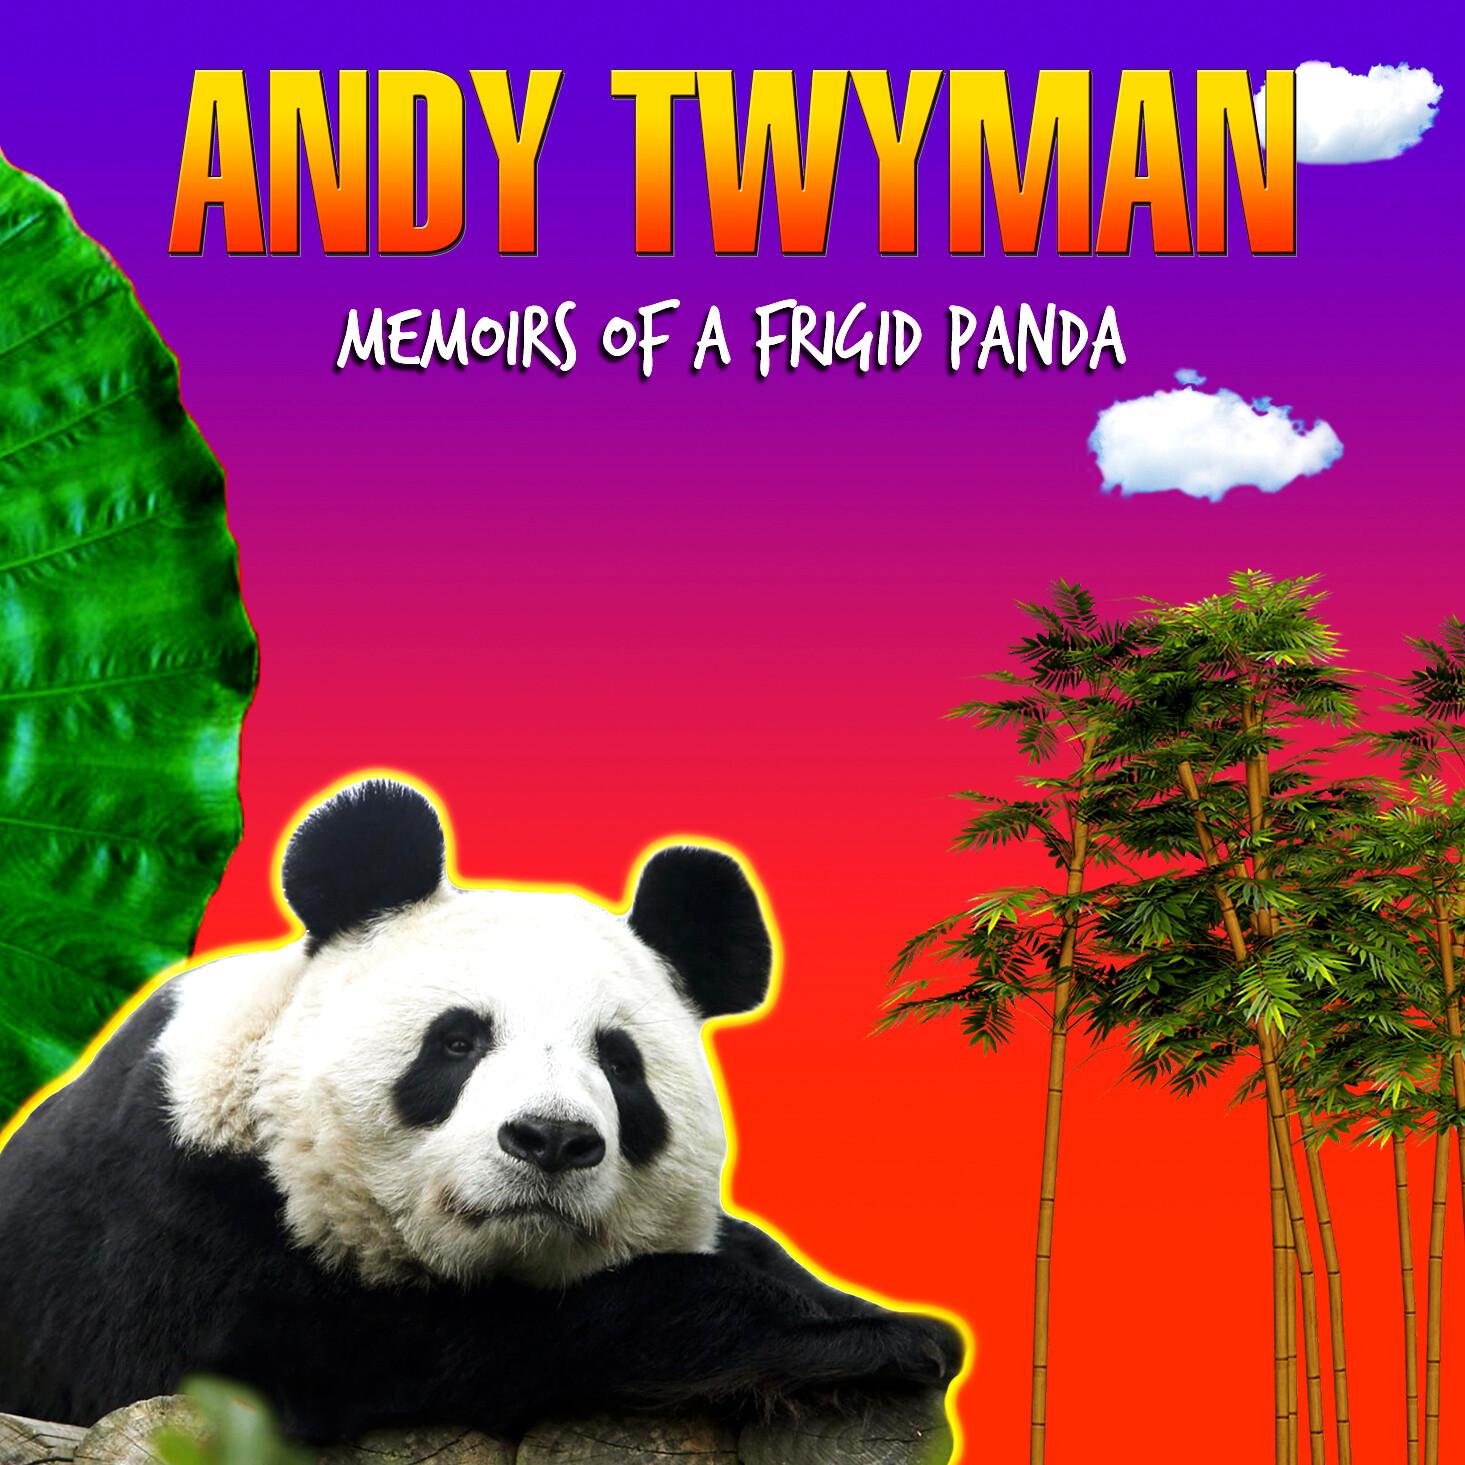 Memoirs Of A Frigid Panda (2015 CD)